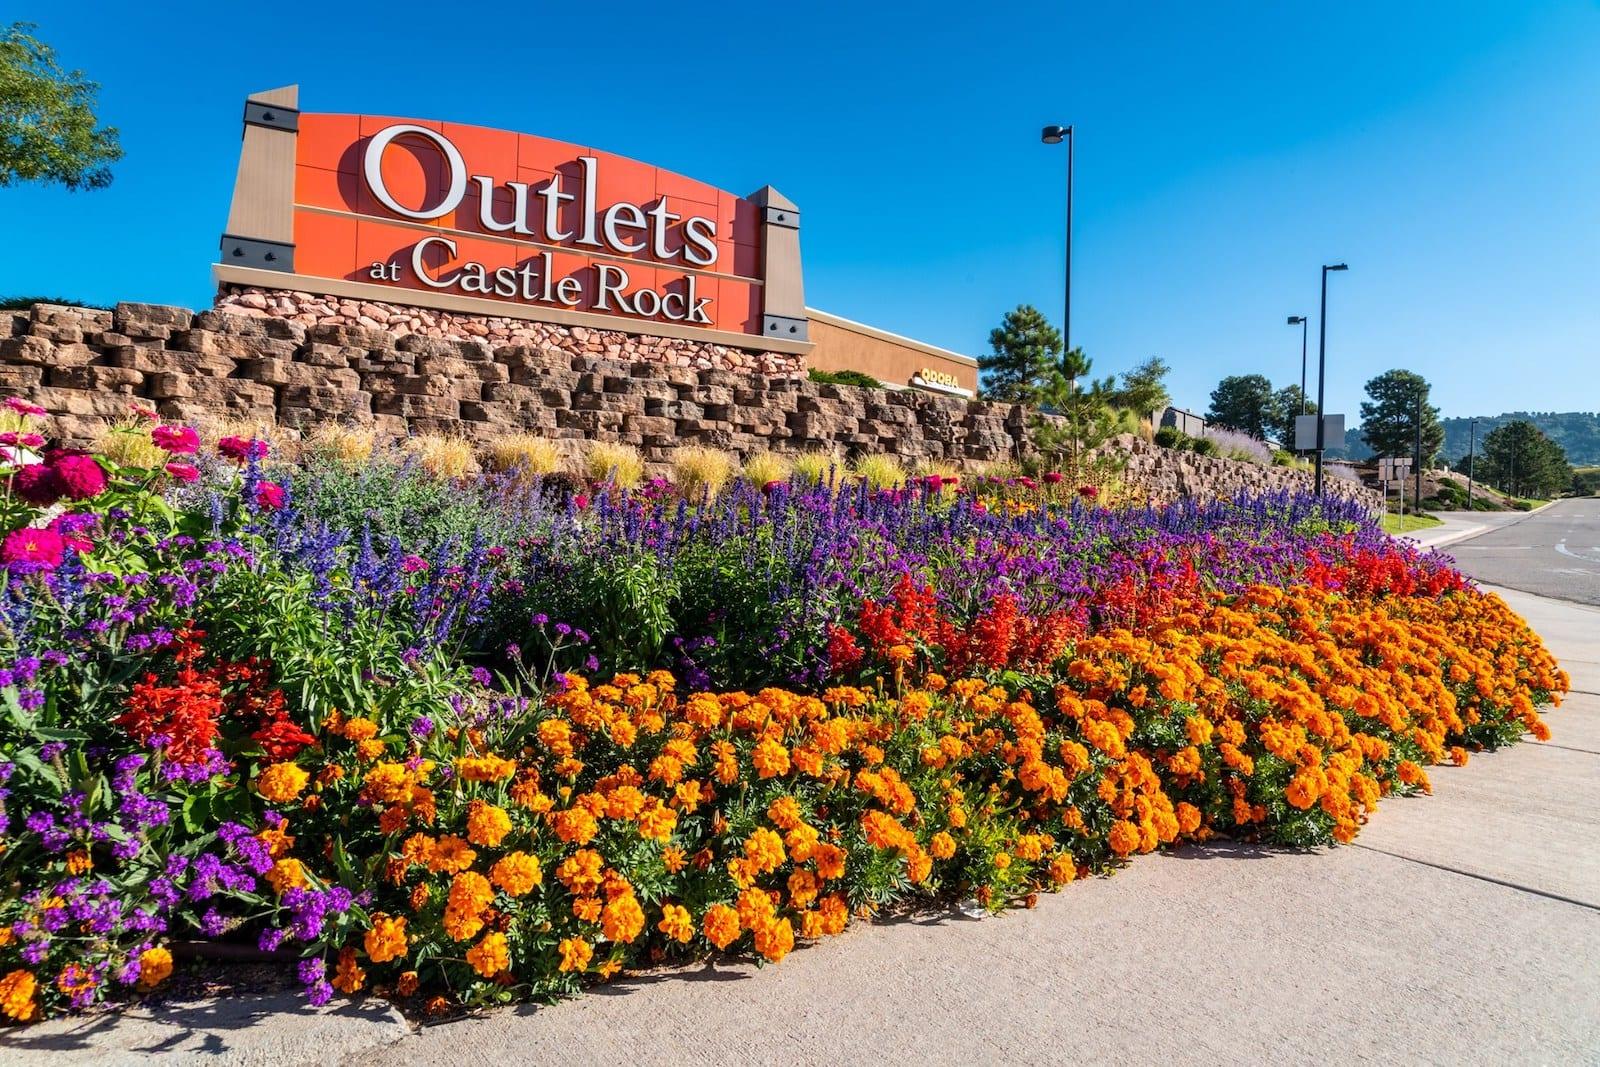 Outlets at Castle Rock, CO